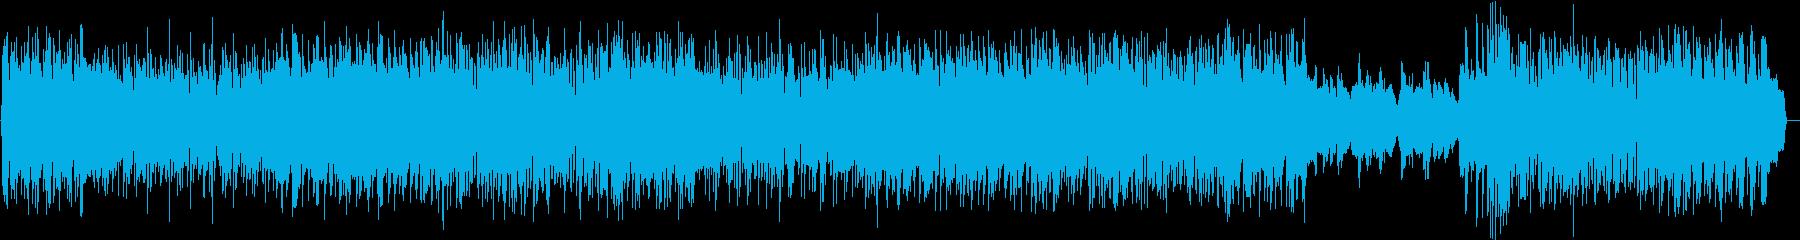 電波系 アイドルポップ アニソン オタクの再生済みの波形